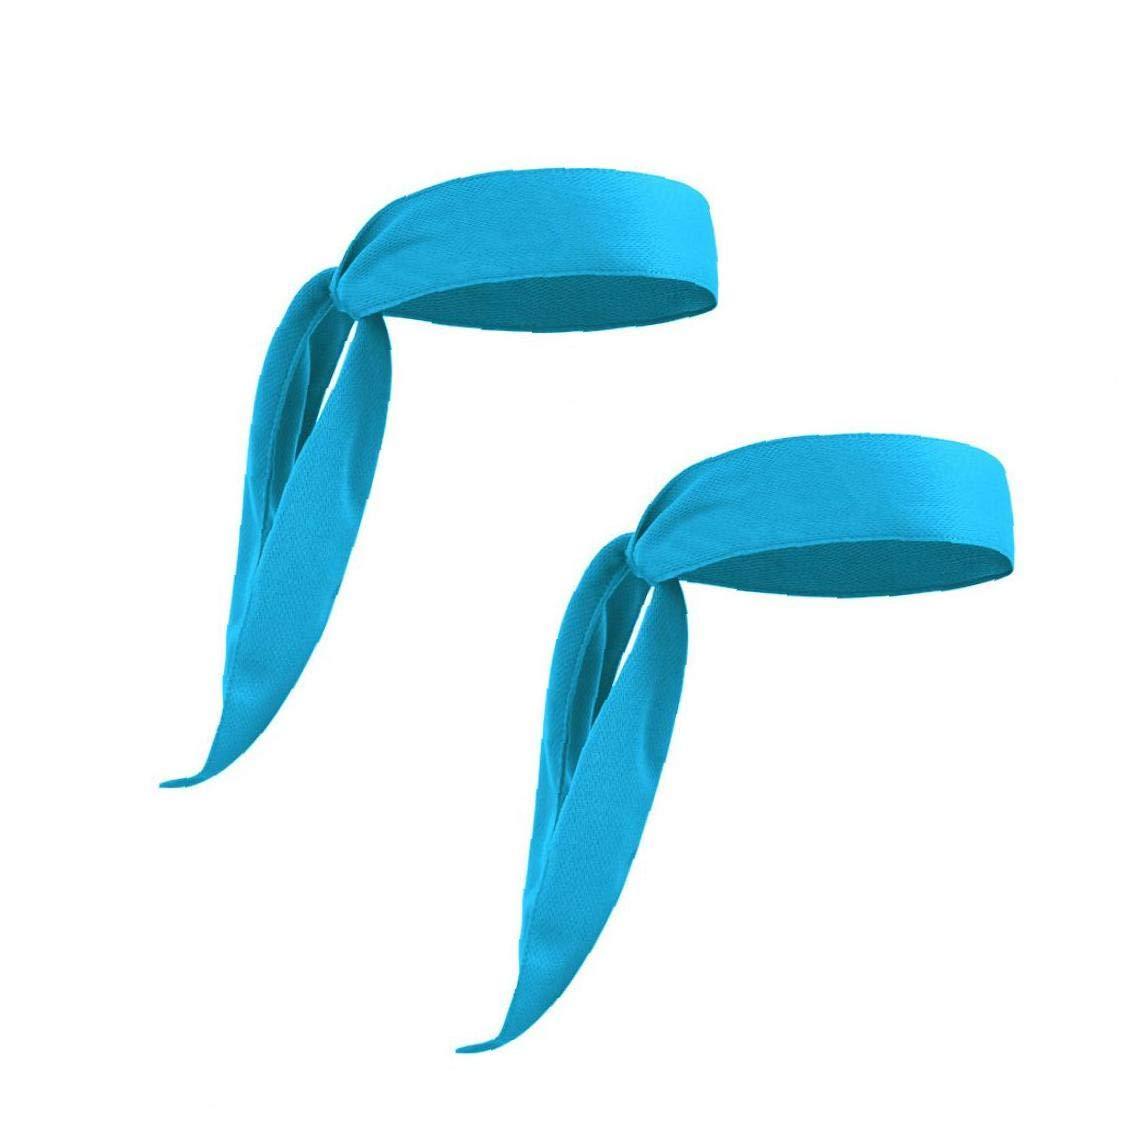 Deportes Cinta el/ástica Lazos Cabeza Ligera Banda de Sudor absorci/ón de Humedad Adecuado para Correr Tama/ño Gimnasio con Azul 1pc